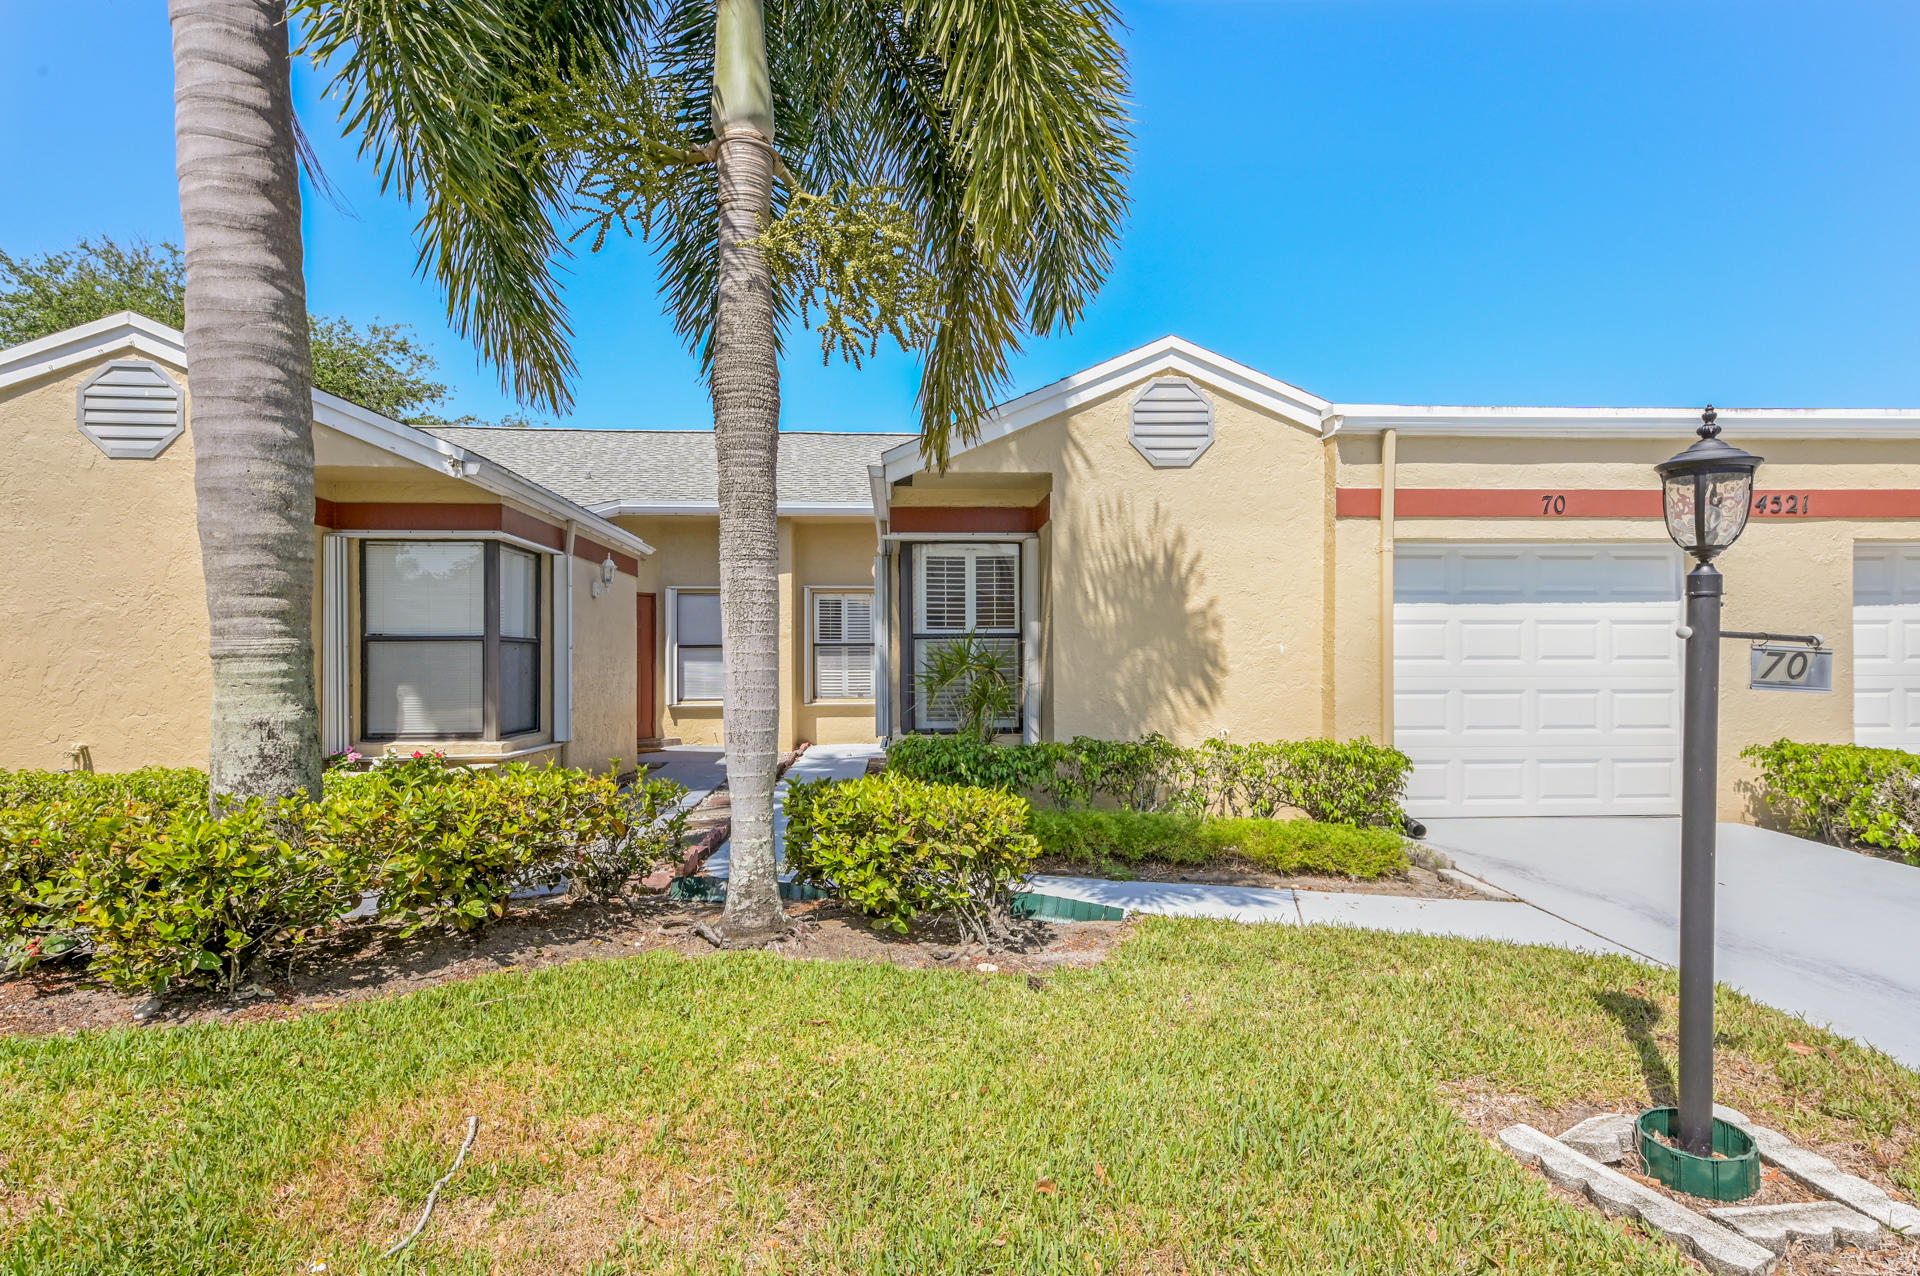 4521 Challenger Way 70 West Palm Beach, FL 33417